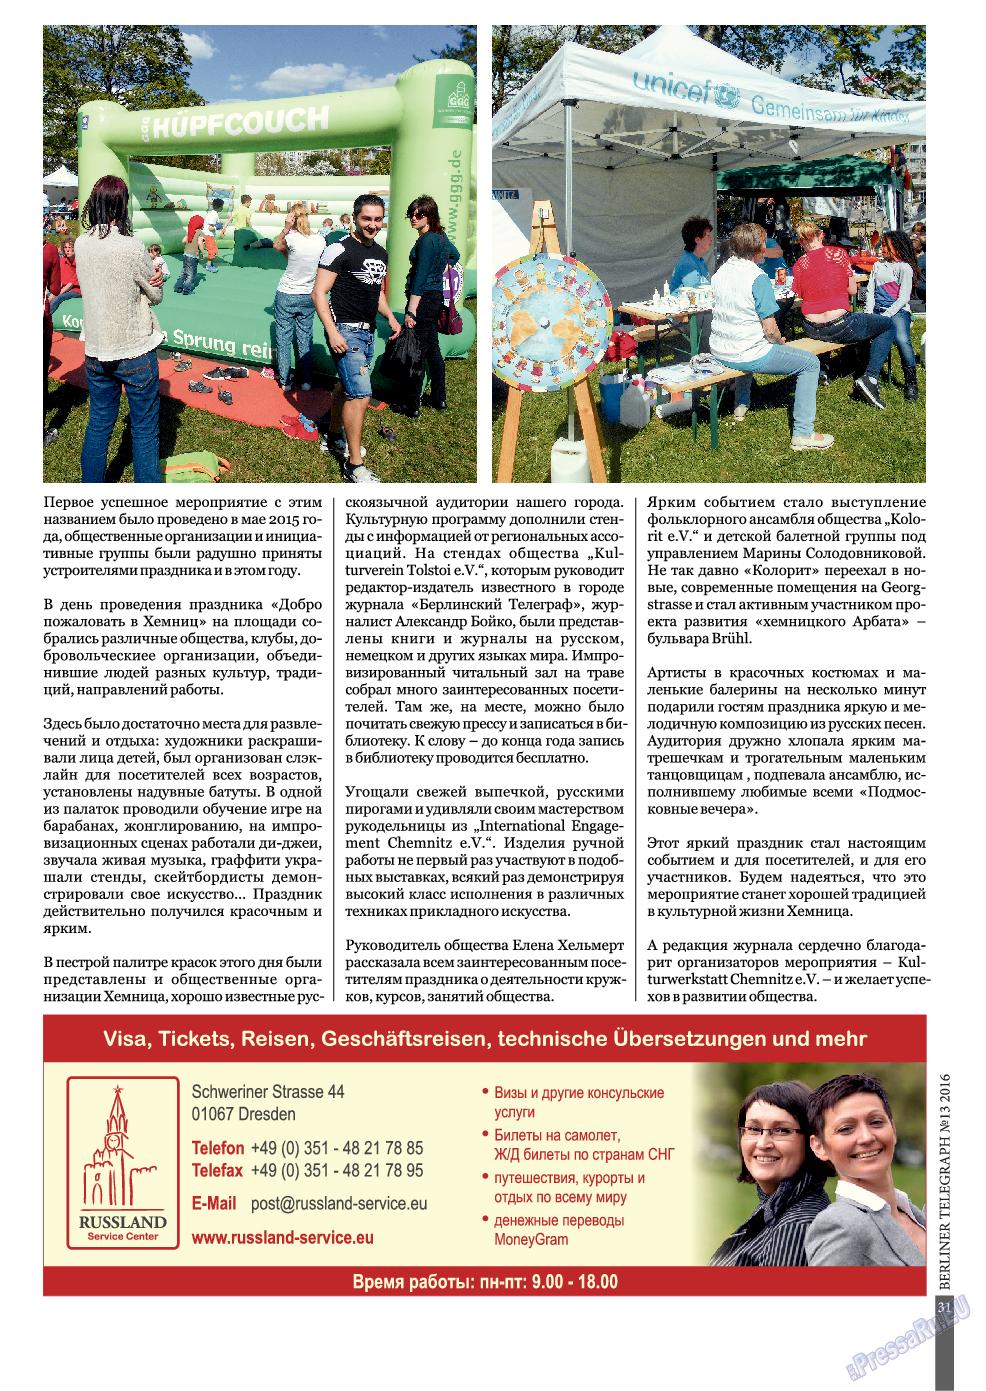 Берлинский телеграф (журнал). 2016 год, номер 13, стр. 31